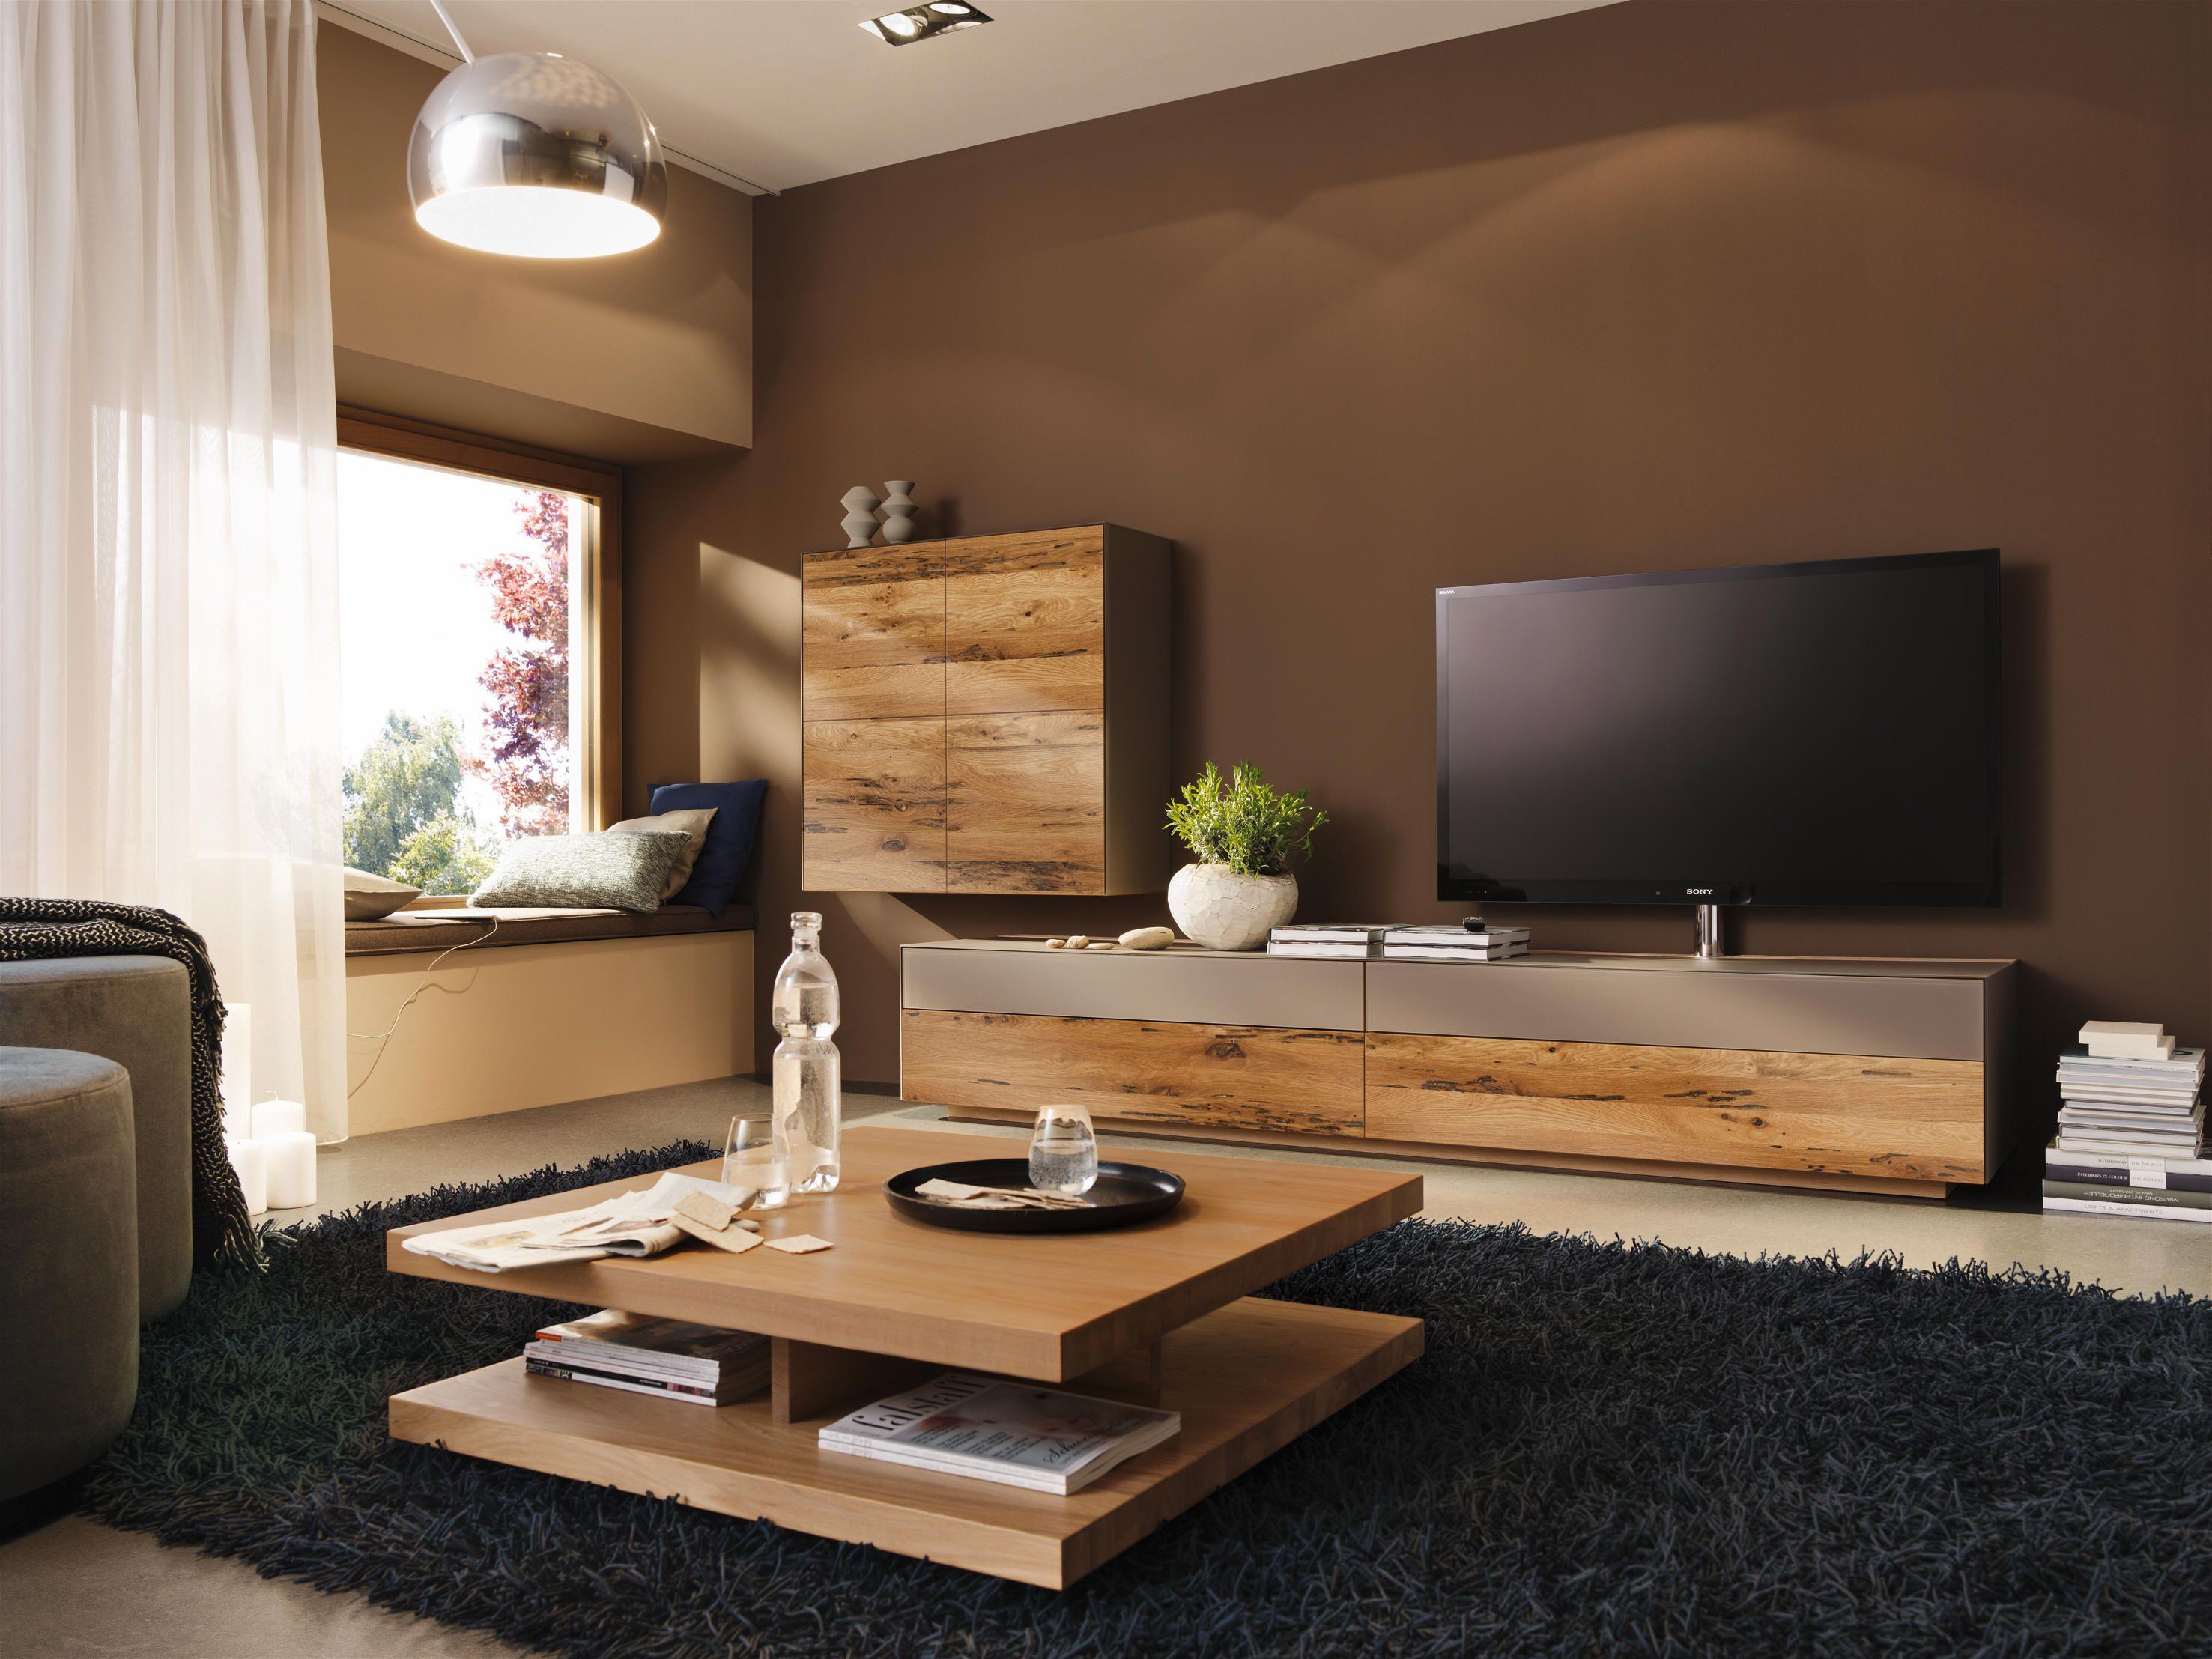 cubus pure Wohnwand von TEAM 7  Wohnen, Wohn design, Haus